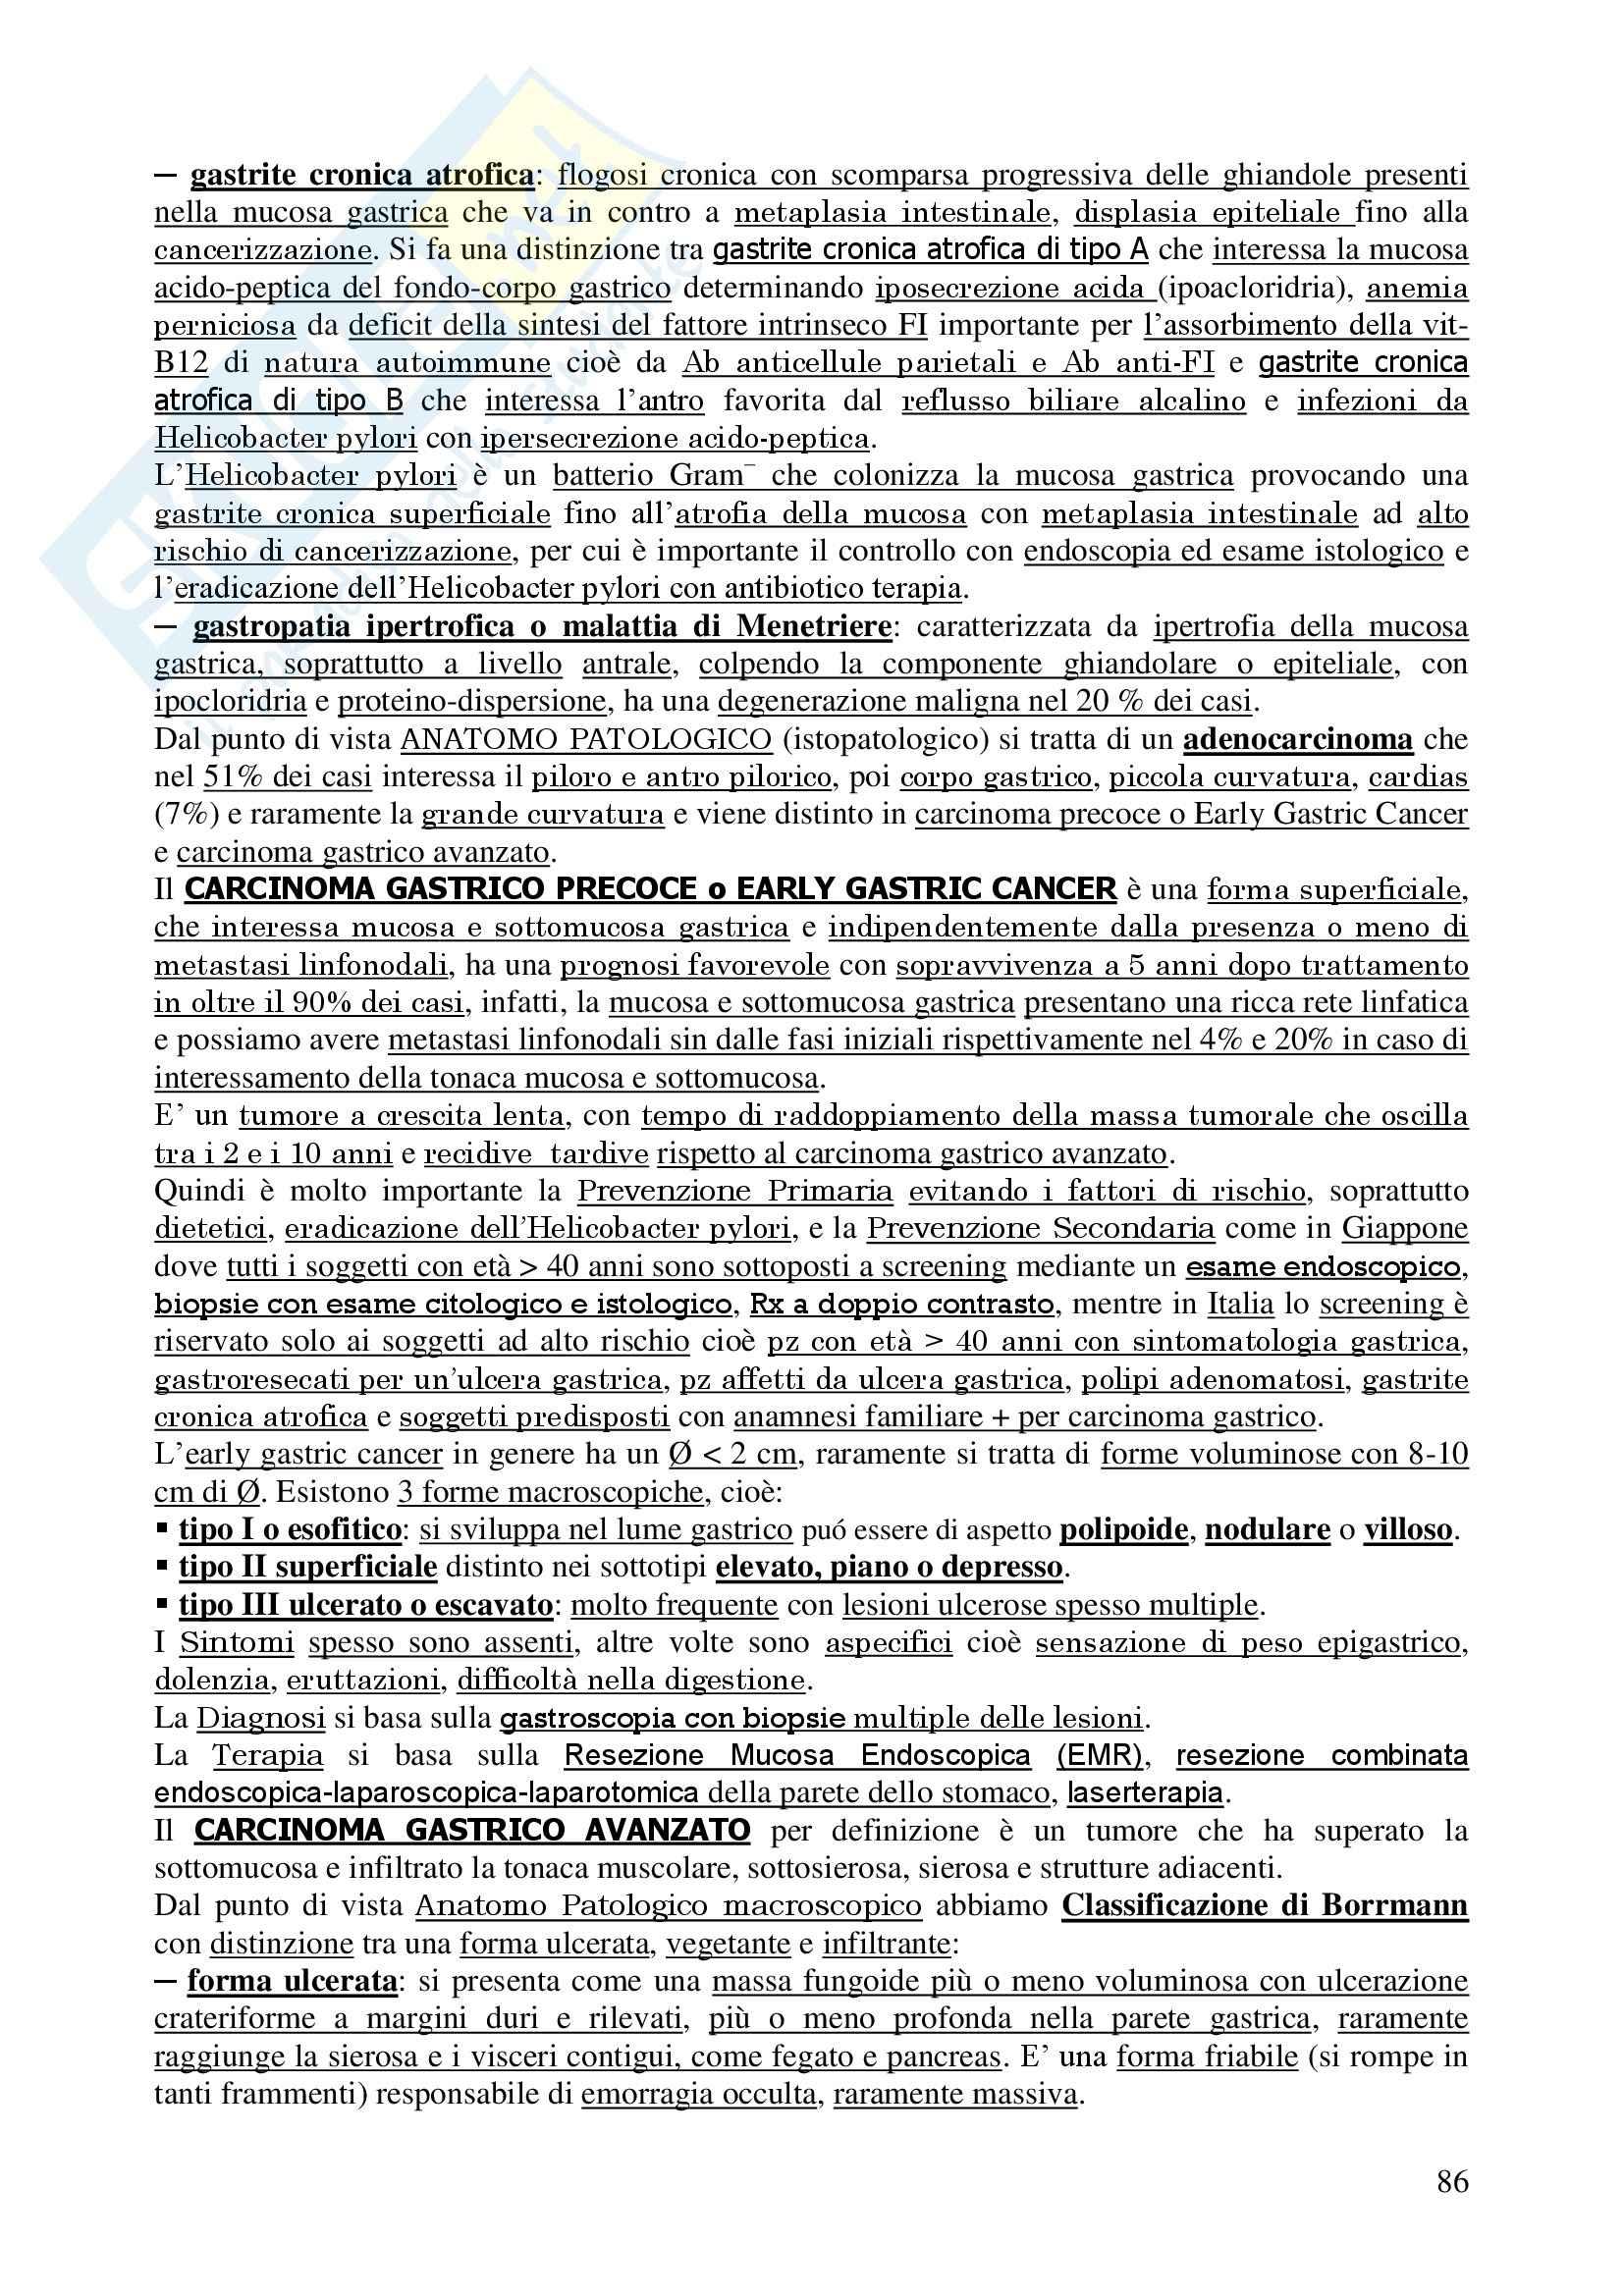 Chirurgia - chirurgia generale - Appunti Pag. 86